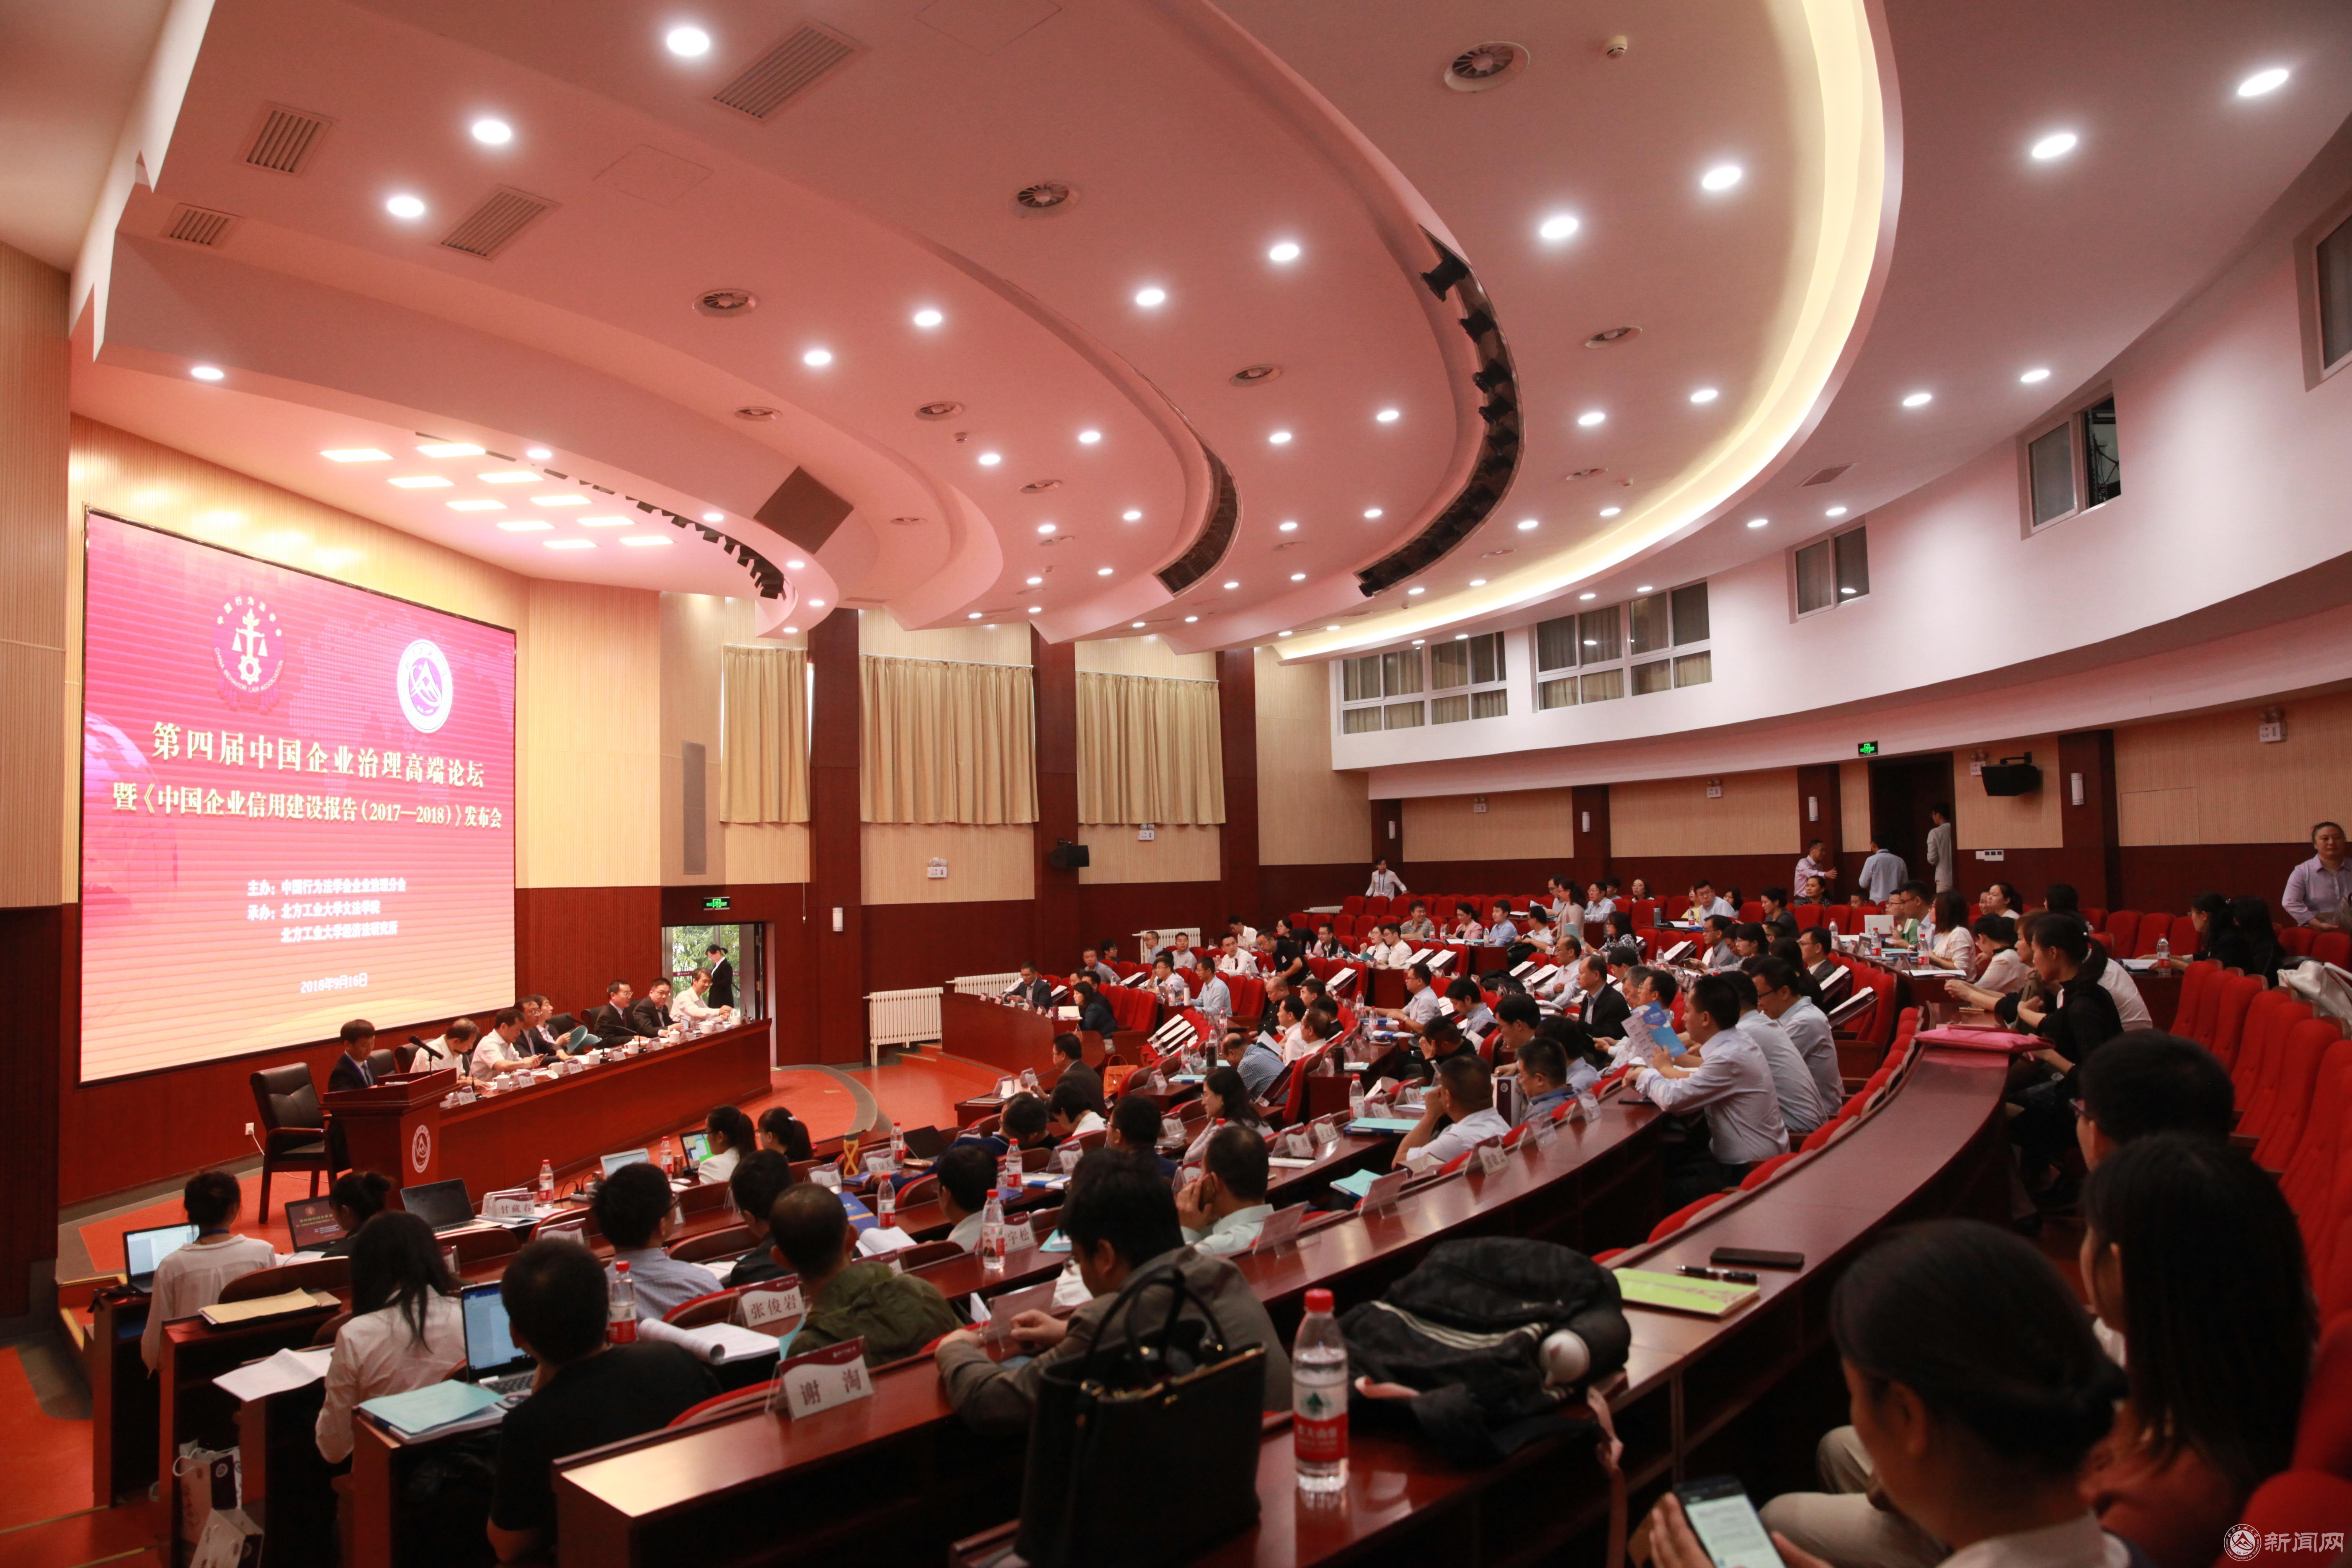 高端论坛_丁辉校长出席第四届中国企业治理高端论坛